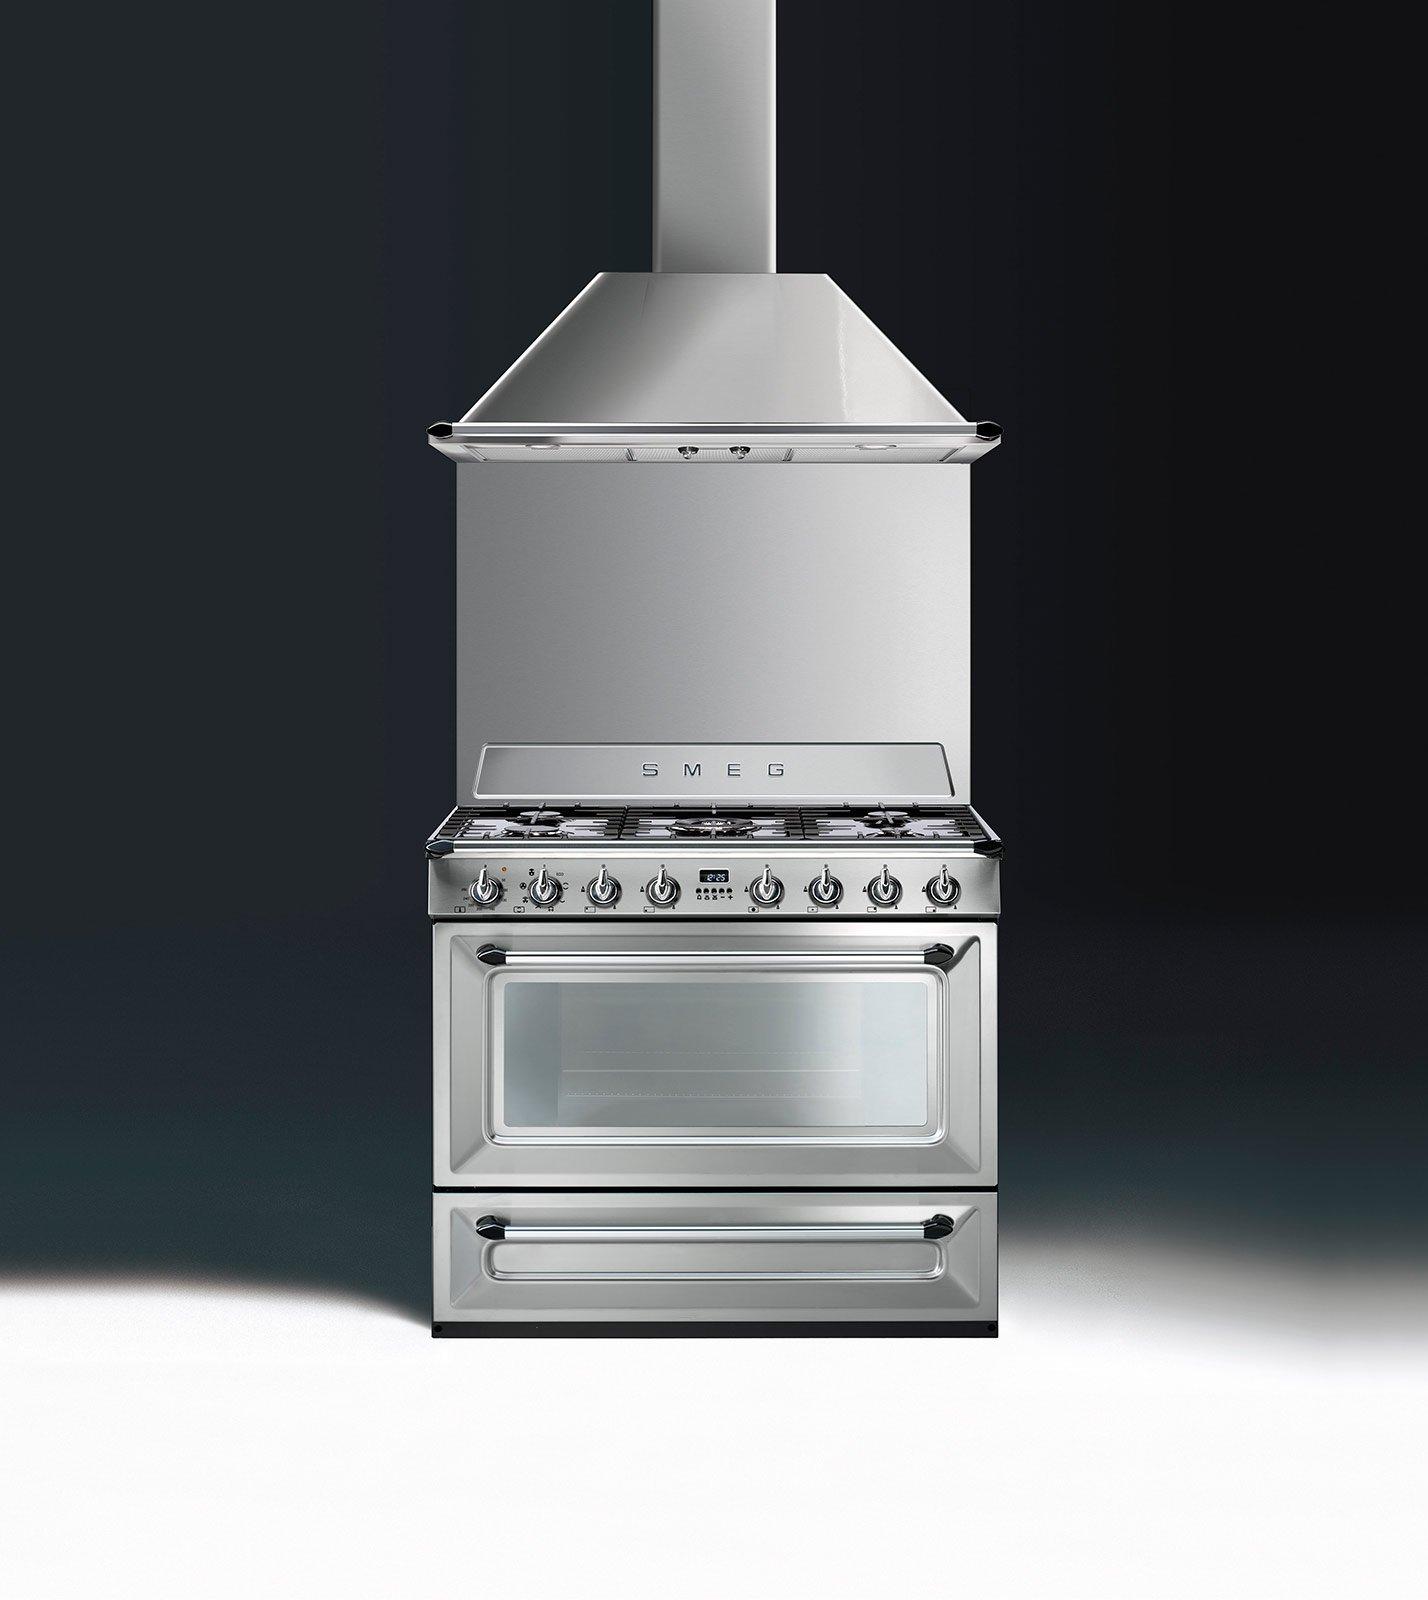 Cucina monoblocco piano cottura e forno tutto in uno - Cappa cucina usata ...